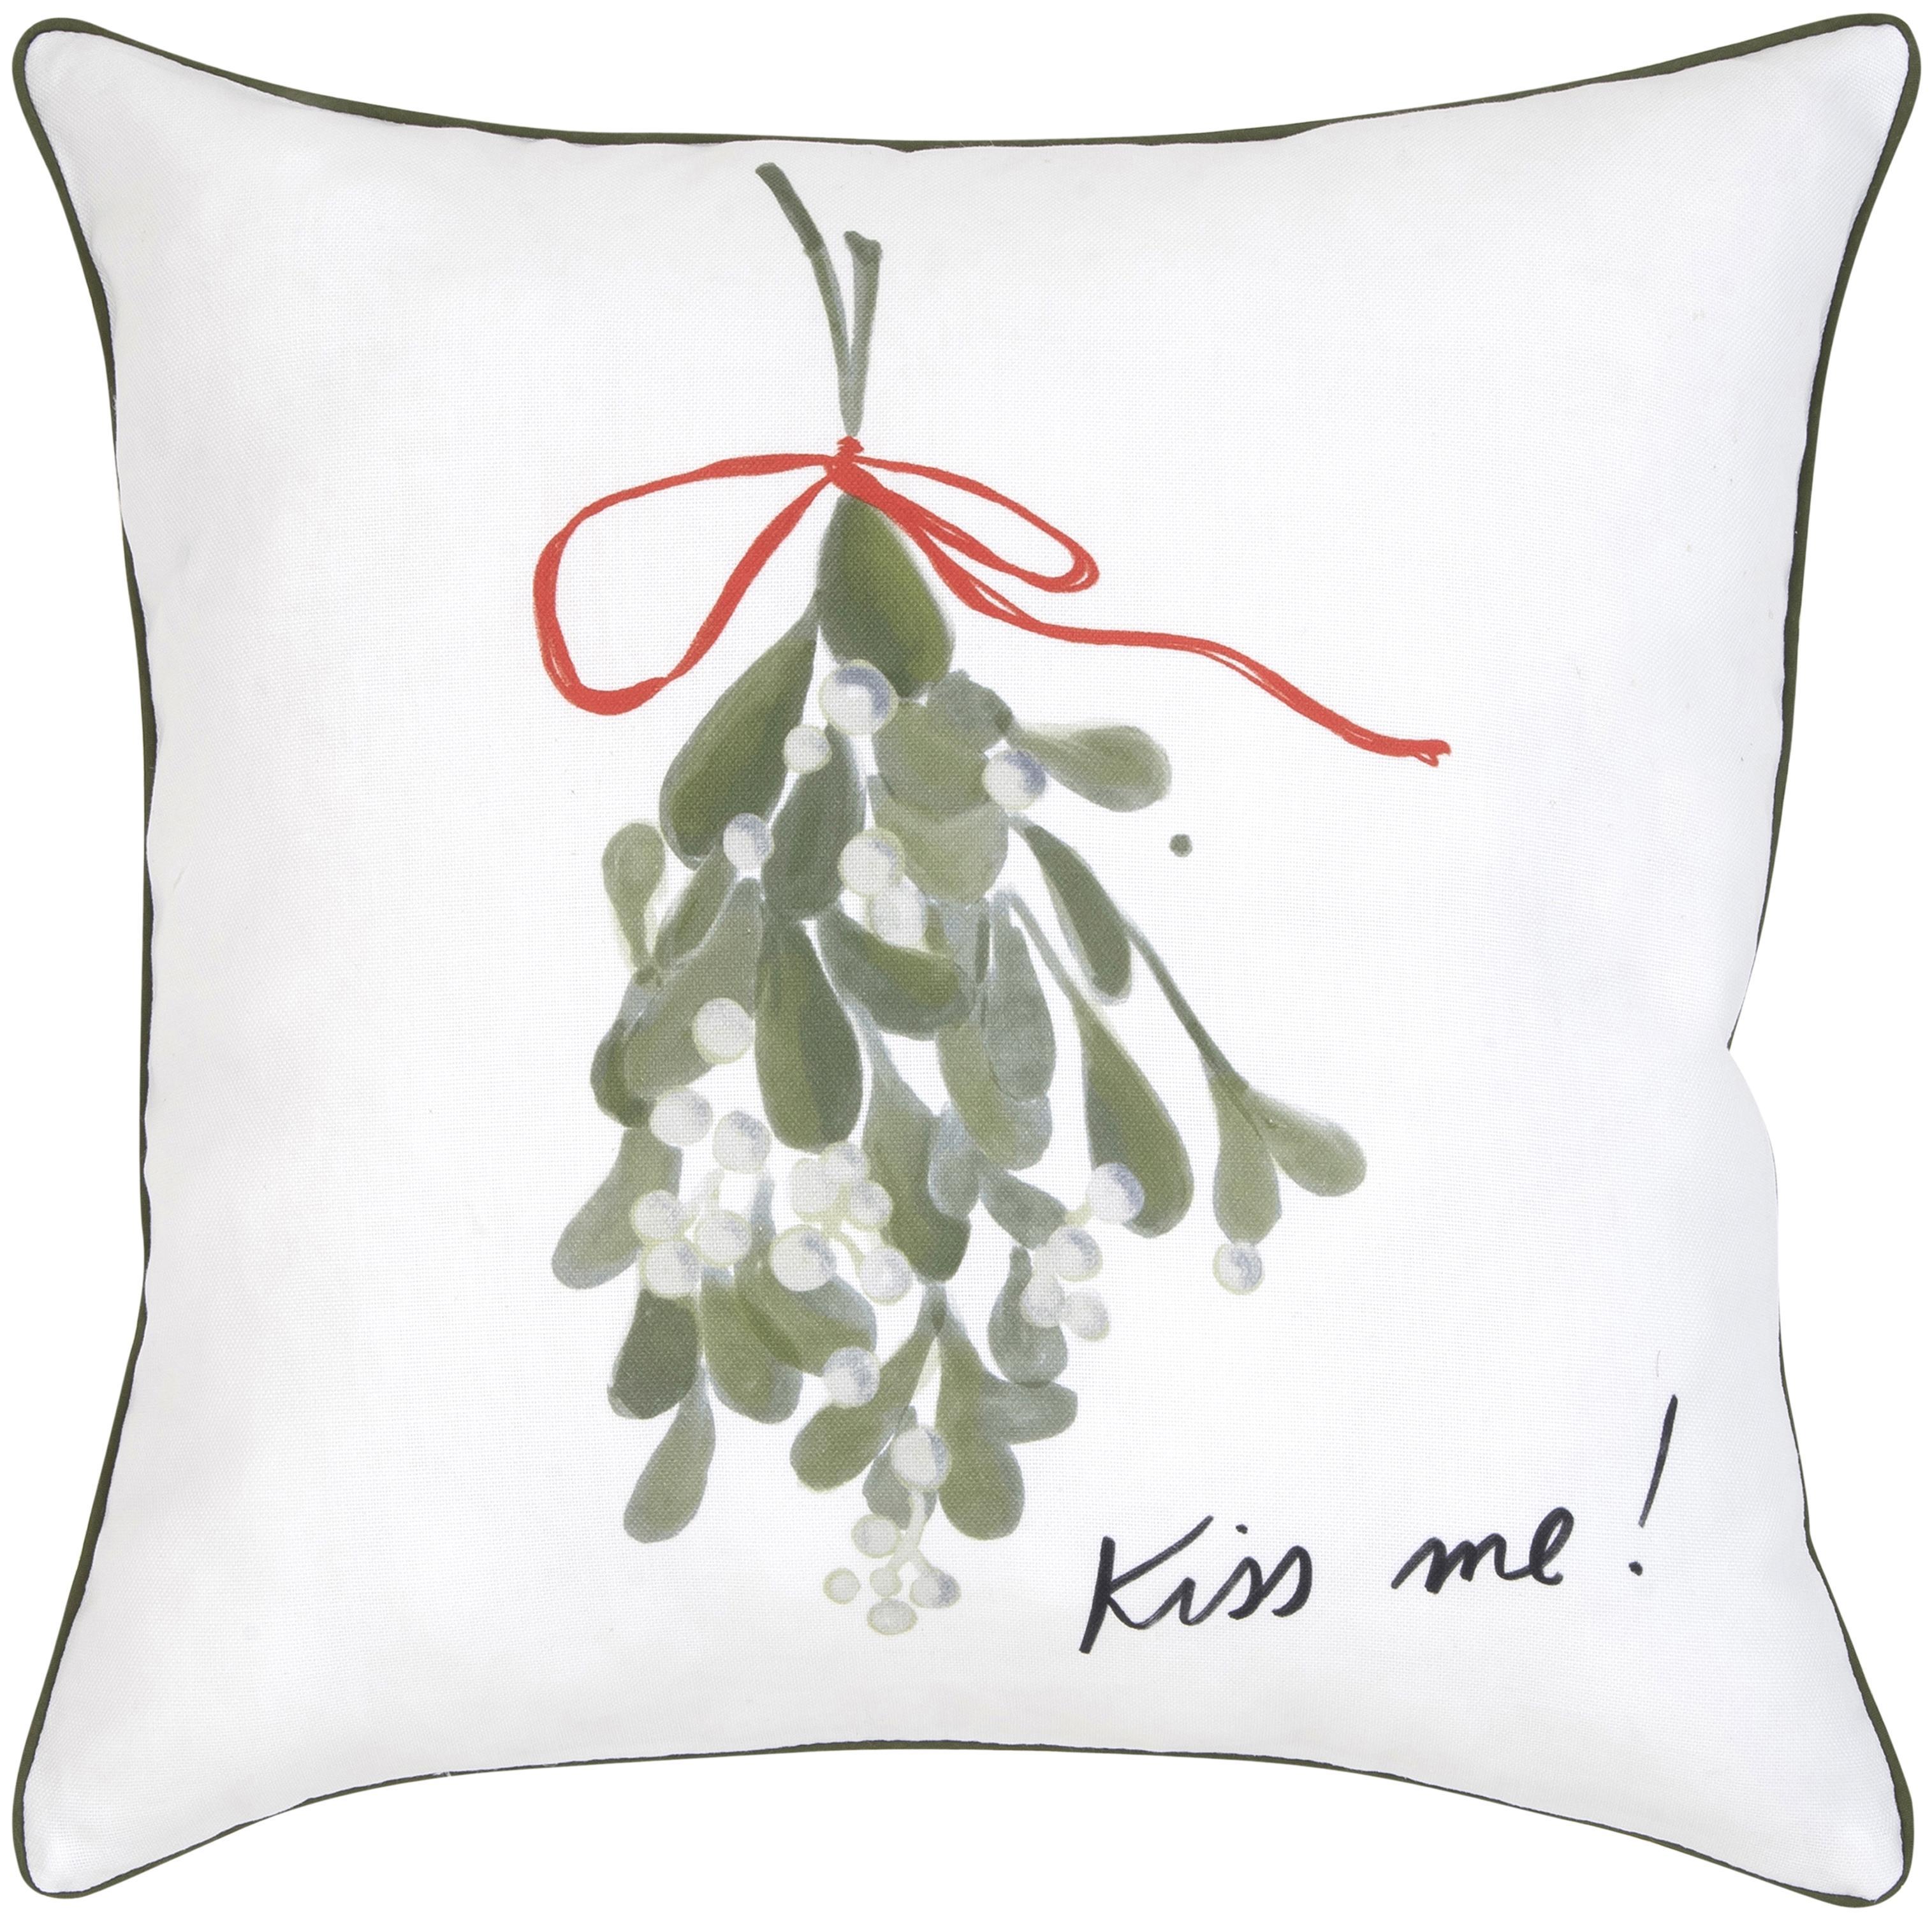 Funda de cojín Kiss Me diseño Kera Till, 100%algodón, Multicolor, An 40 x L 40 cm